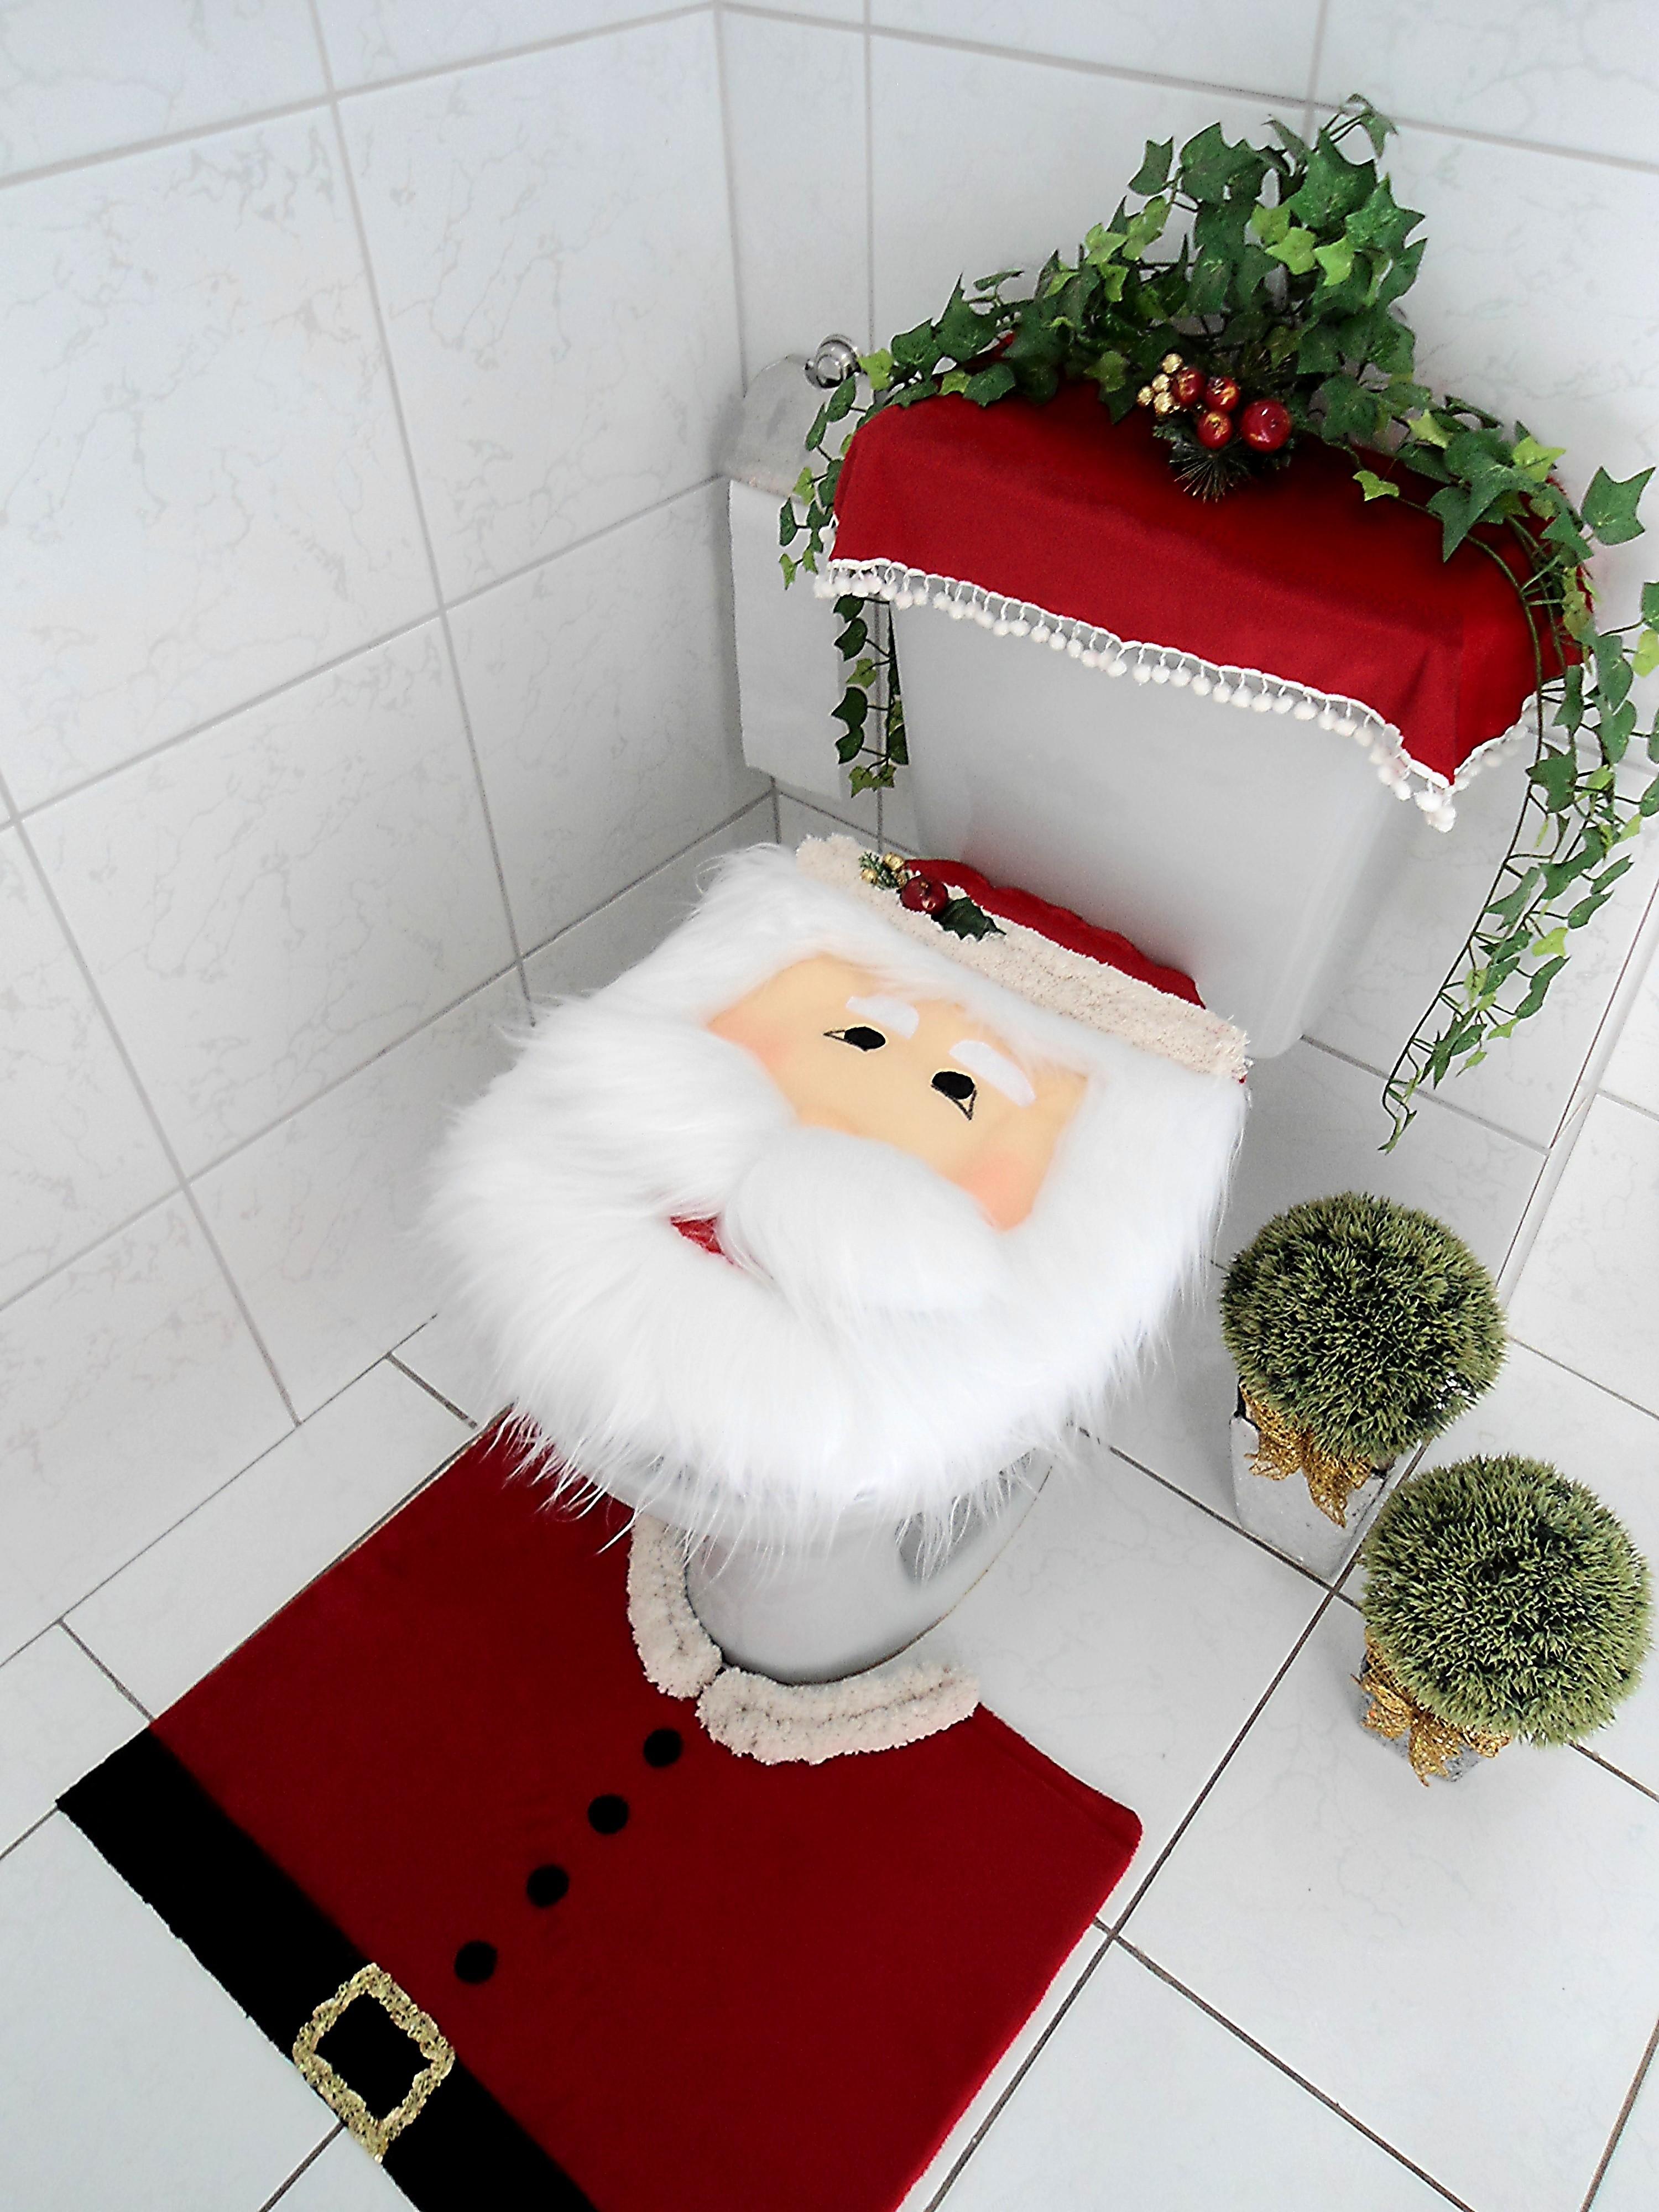 #6A0408  banheiro natalino r $ 51 20 jogo de banheiro natalino r $ 160 00 3000x4000 px kit de banheiro hidrolar